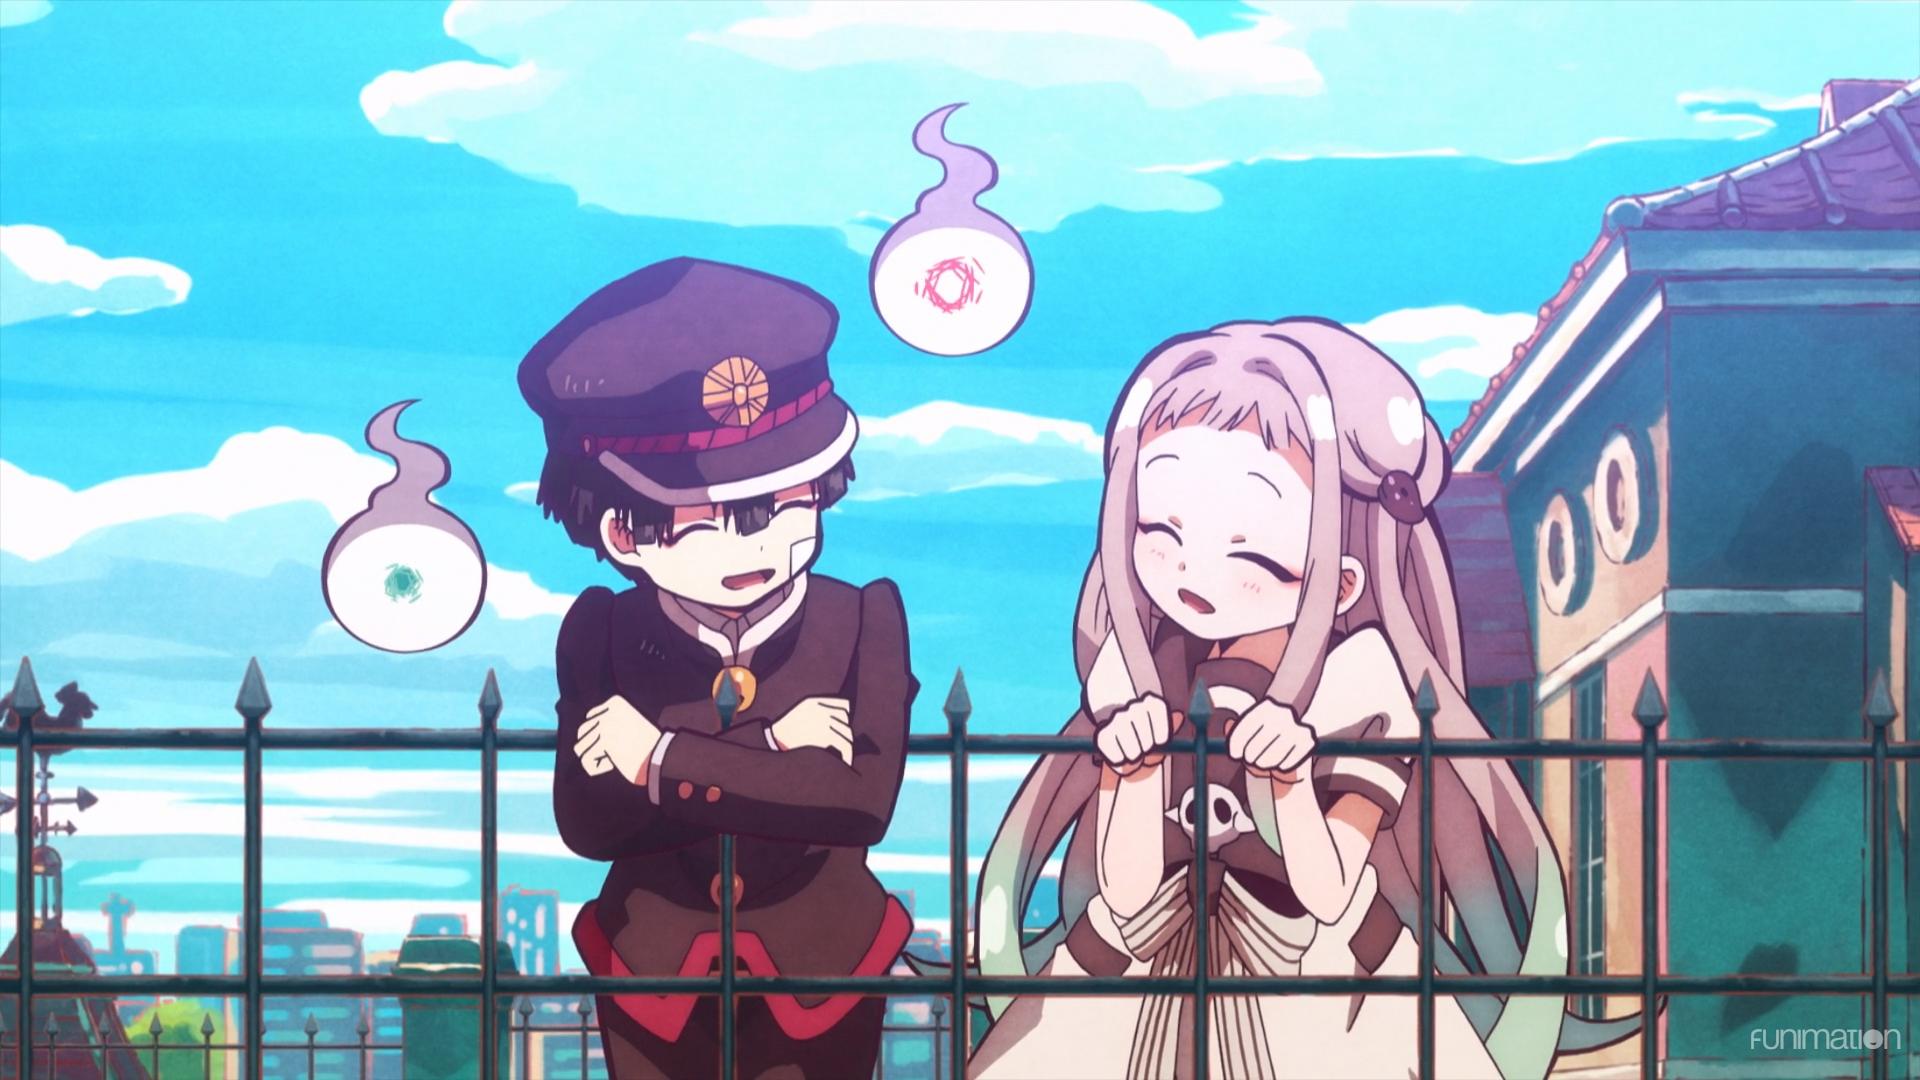 Jibaku Shounen Hanako-kun / Episode 2 / Hanako and Yashiro hanging out together